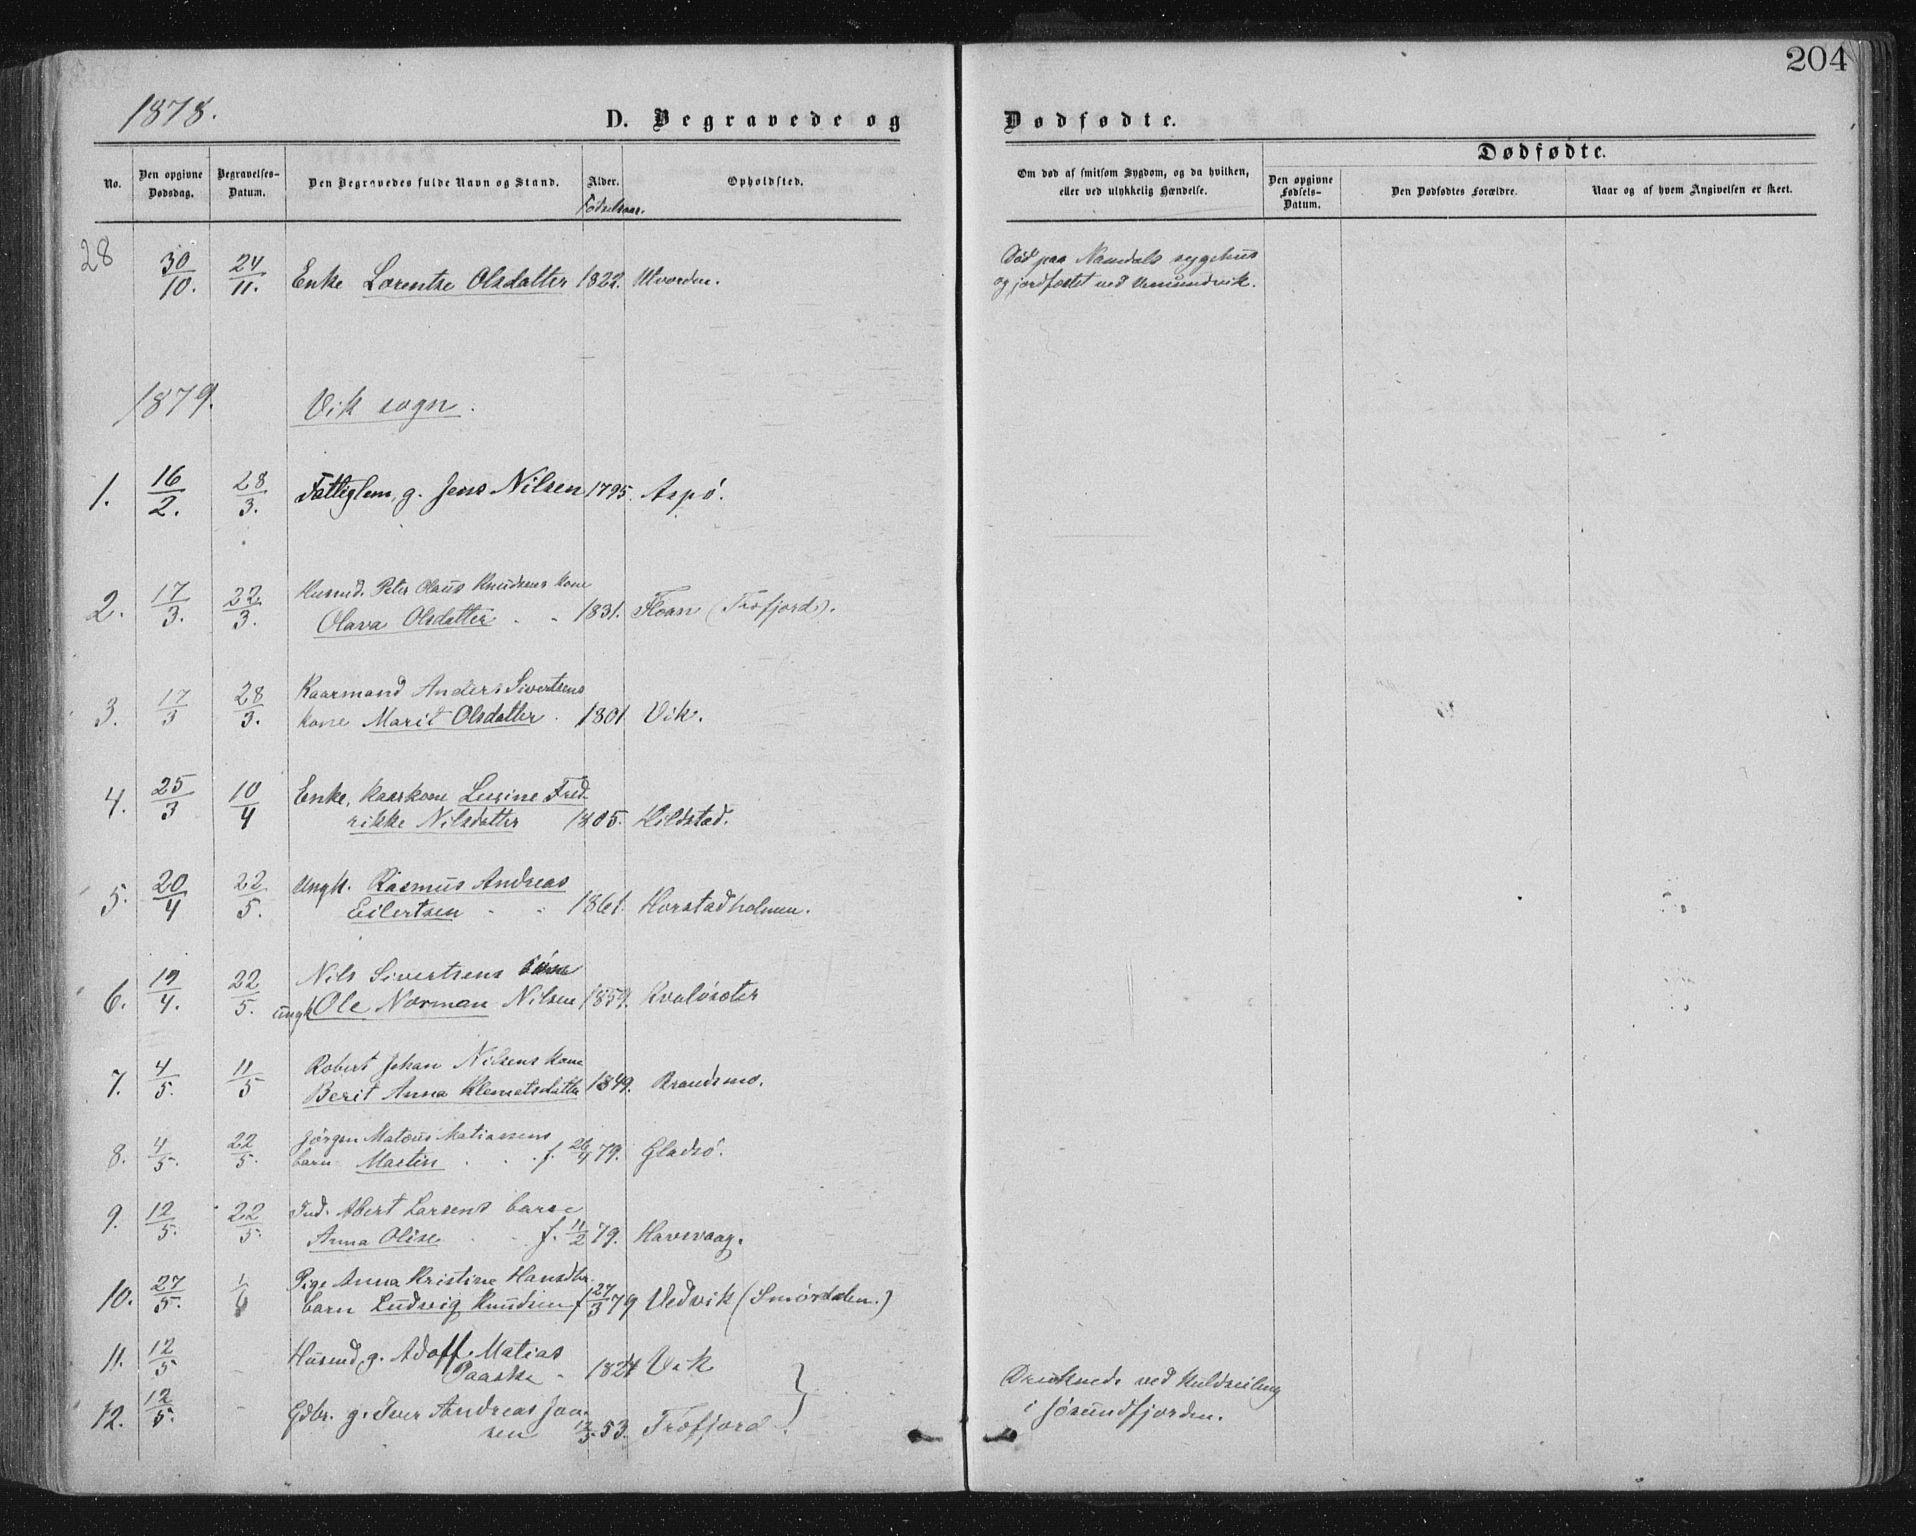 SAT, Ministerialprotokoller, klokkerbøker og fødselsregistre - Nord-Trøndelag, 771/L0596: Ministerialbok nr. 771A03, 1870-1884, s. 204